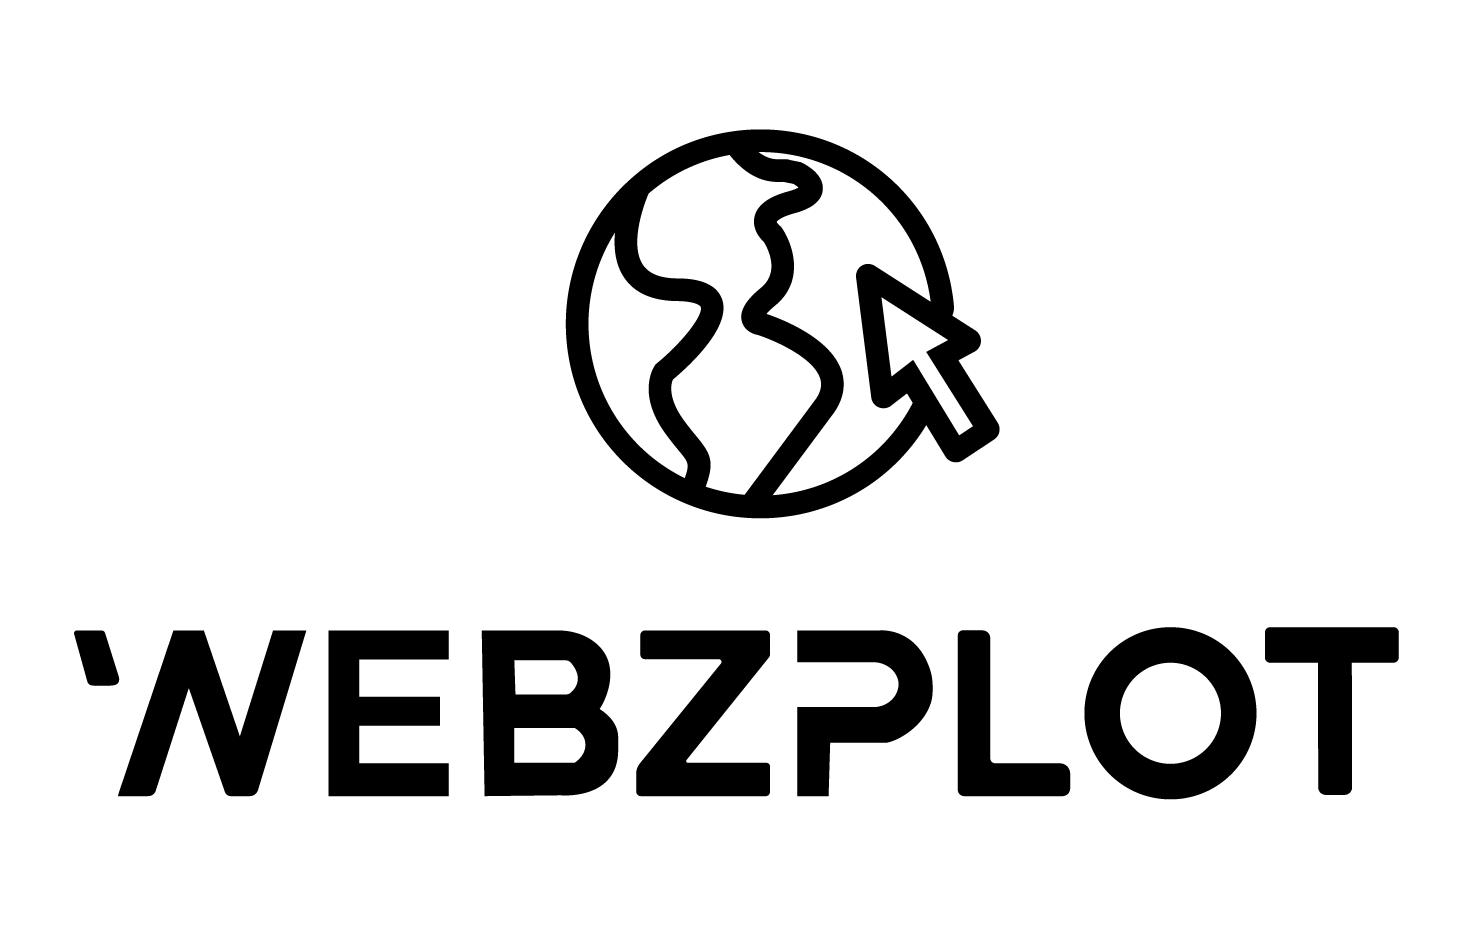 WebzPlot Web Service